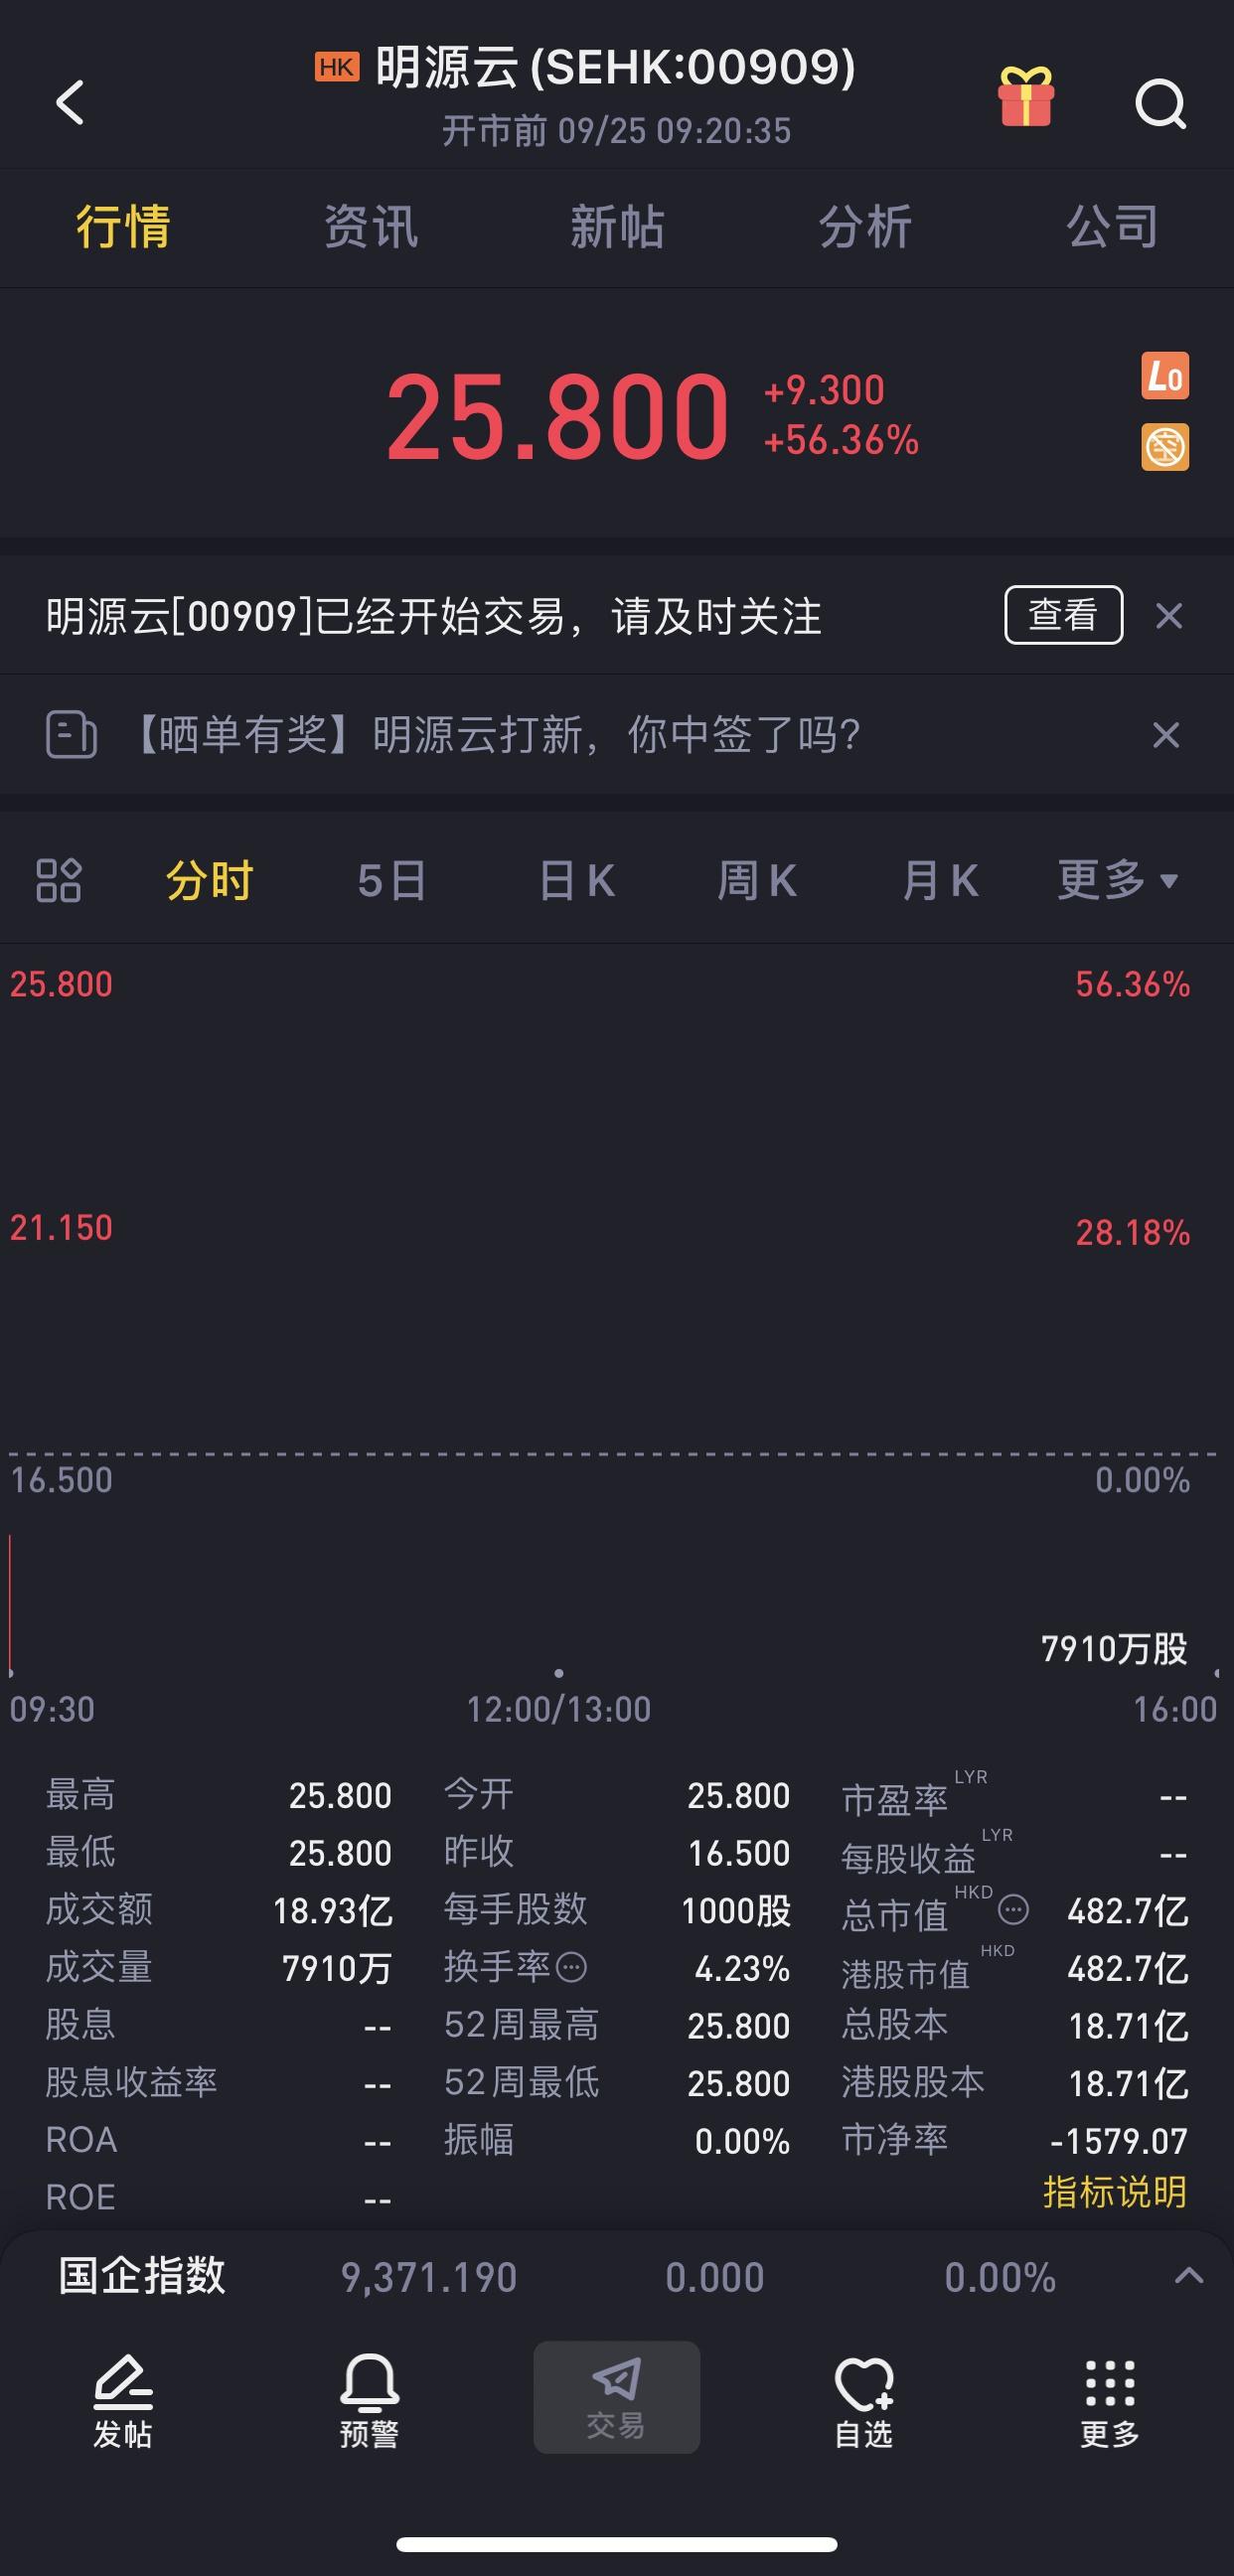 明源云港交所挂牌,上市首日高开56.36%